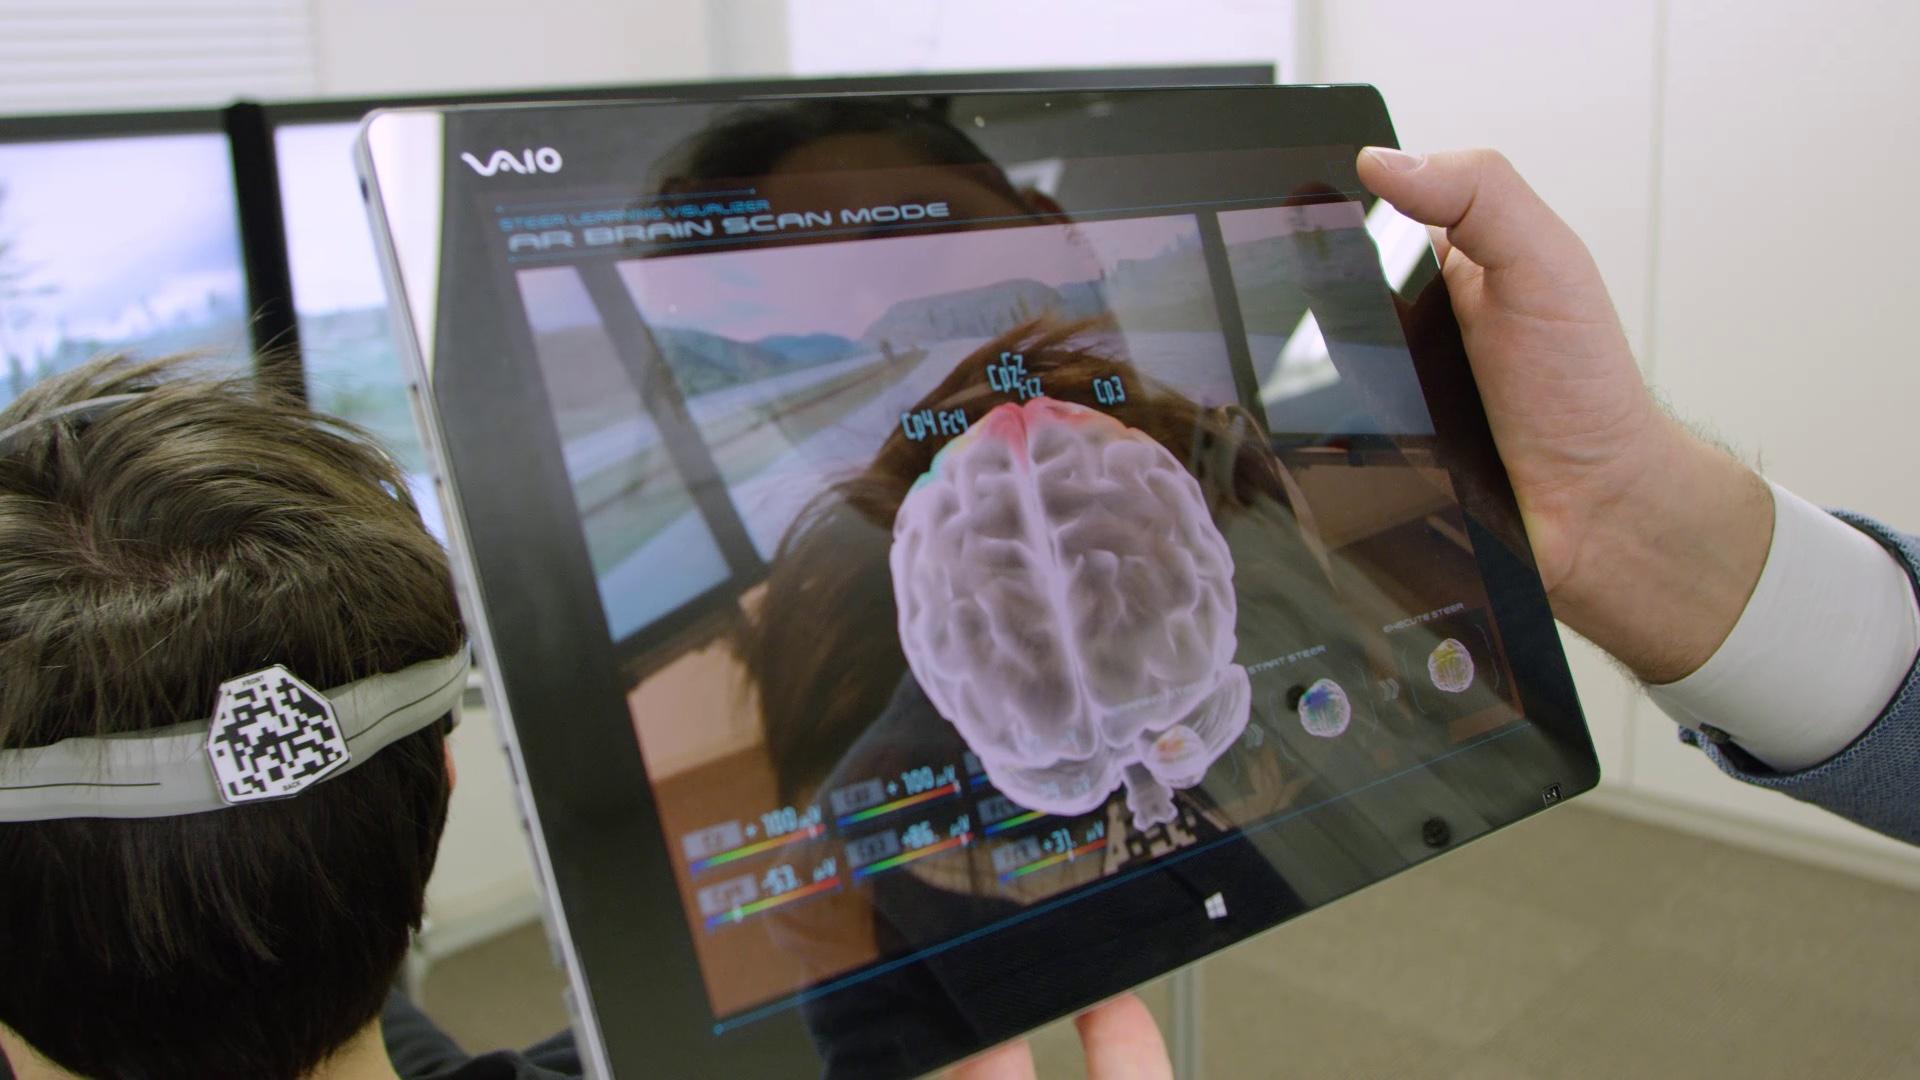 人车终于合一 日产研发由大脑控制的汽车技术